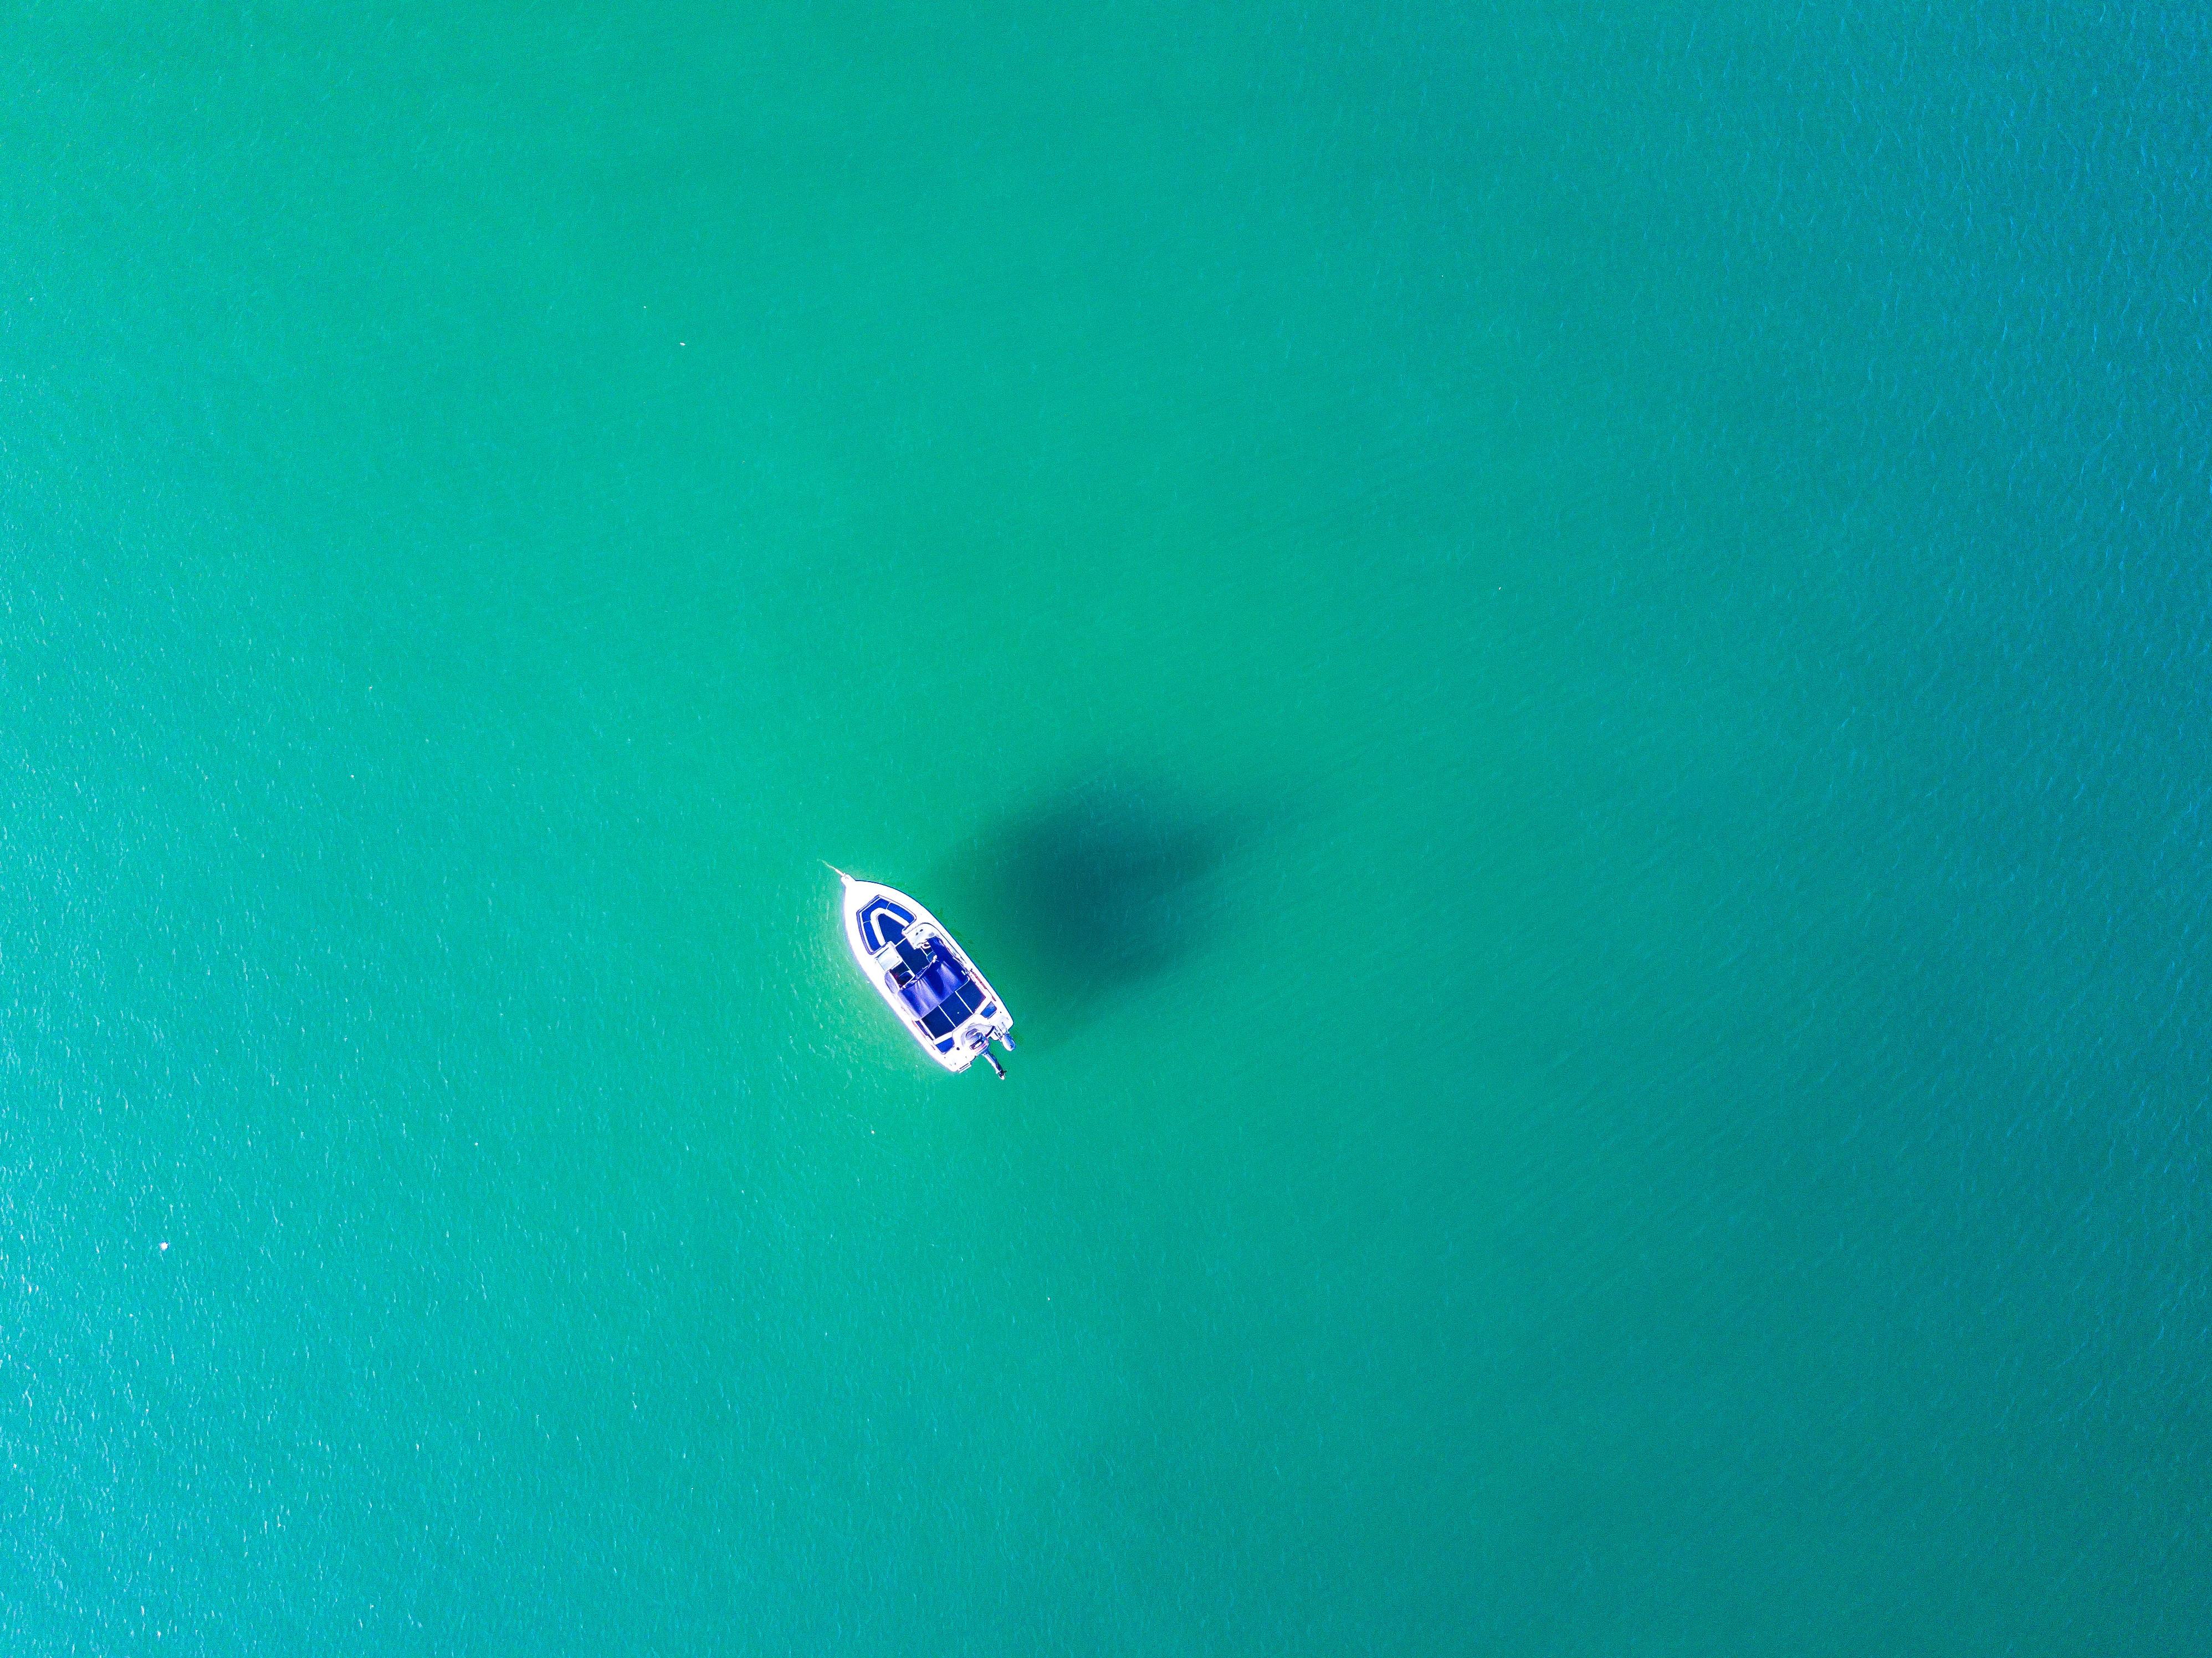 cockboat sky